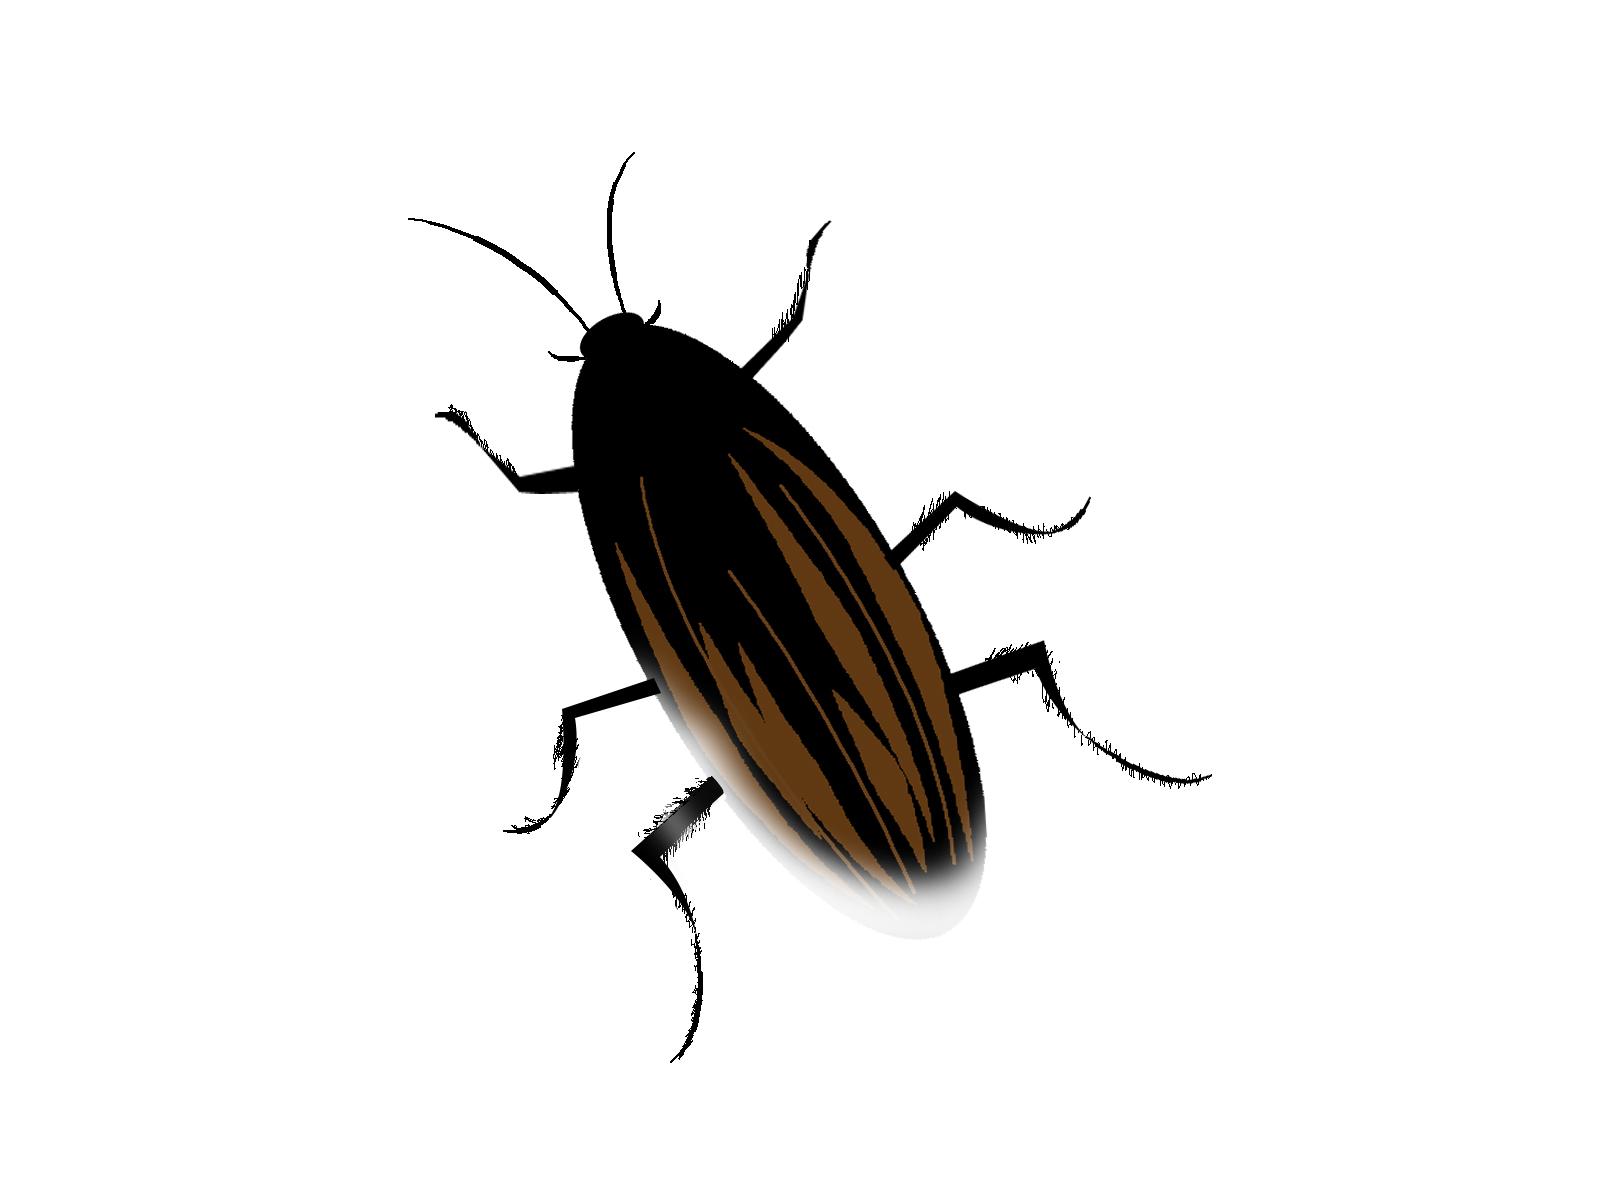 ゴキブリは冬眠するの?冬になるとなぜ出ない?ゴキブリたちのゆくえ